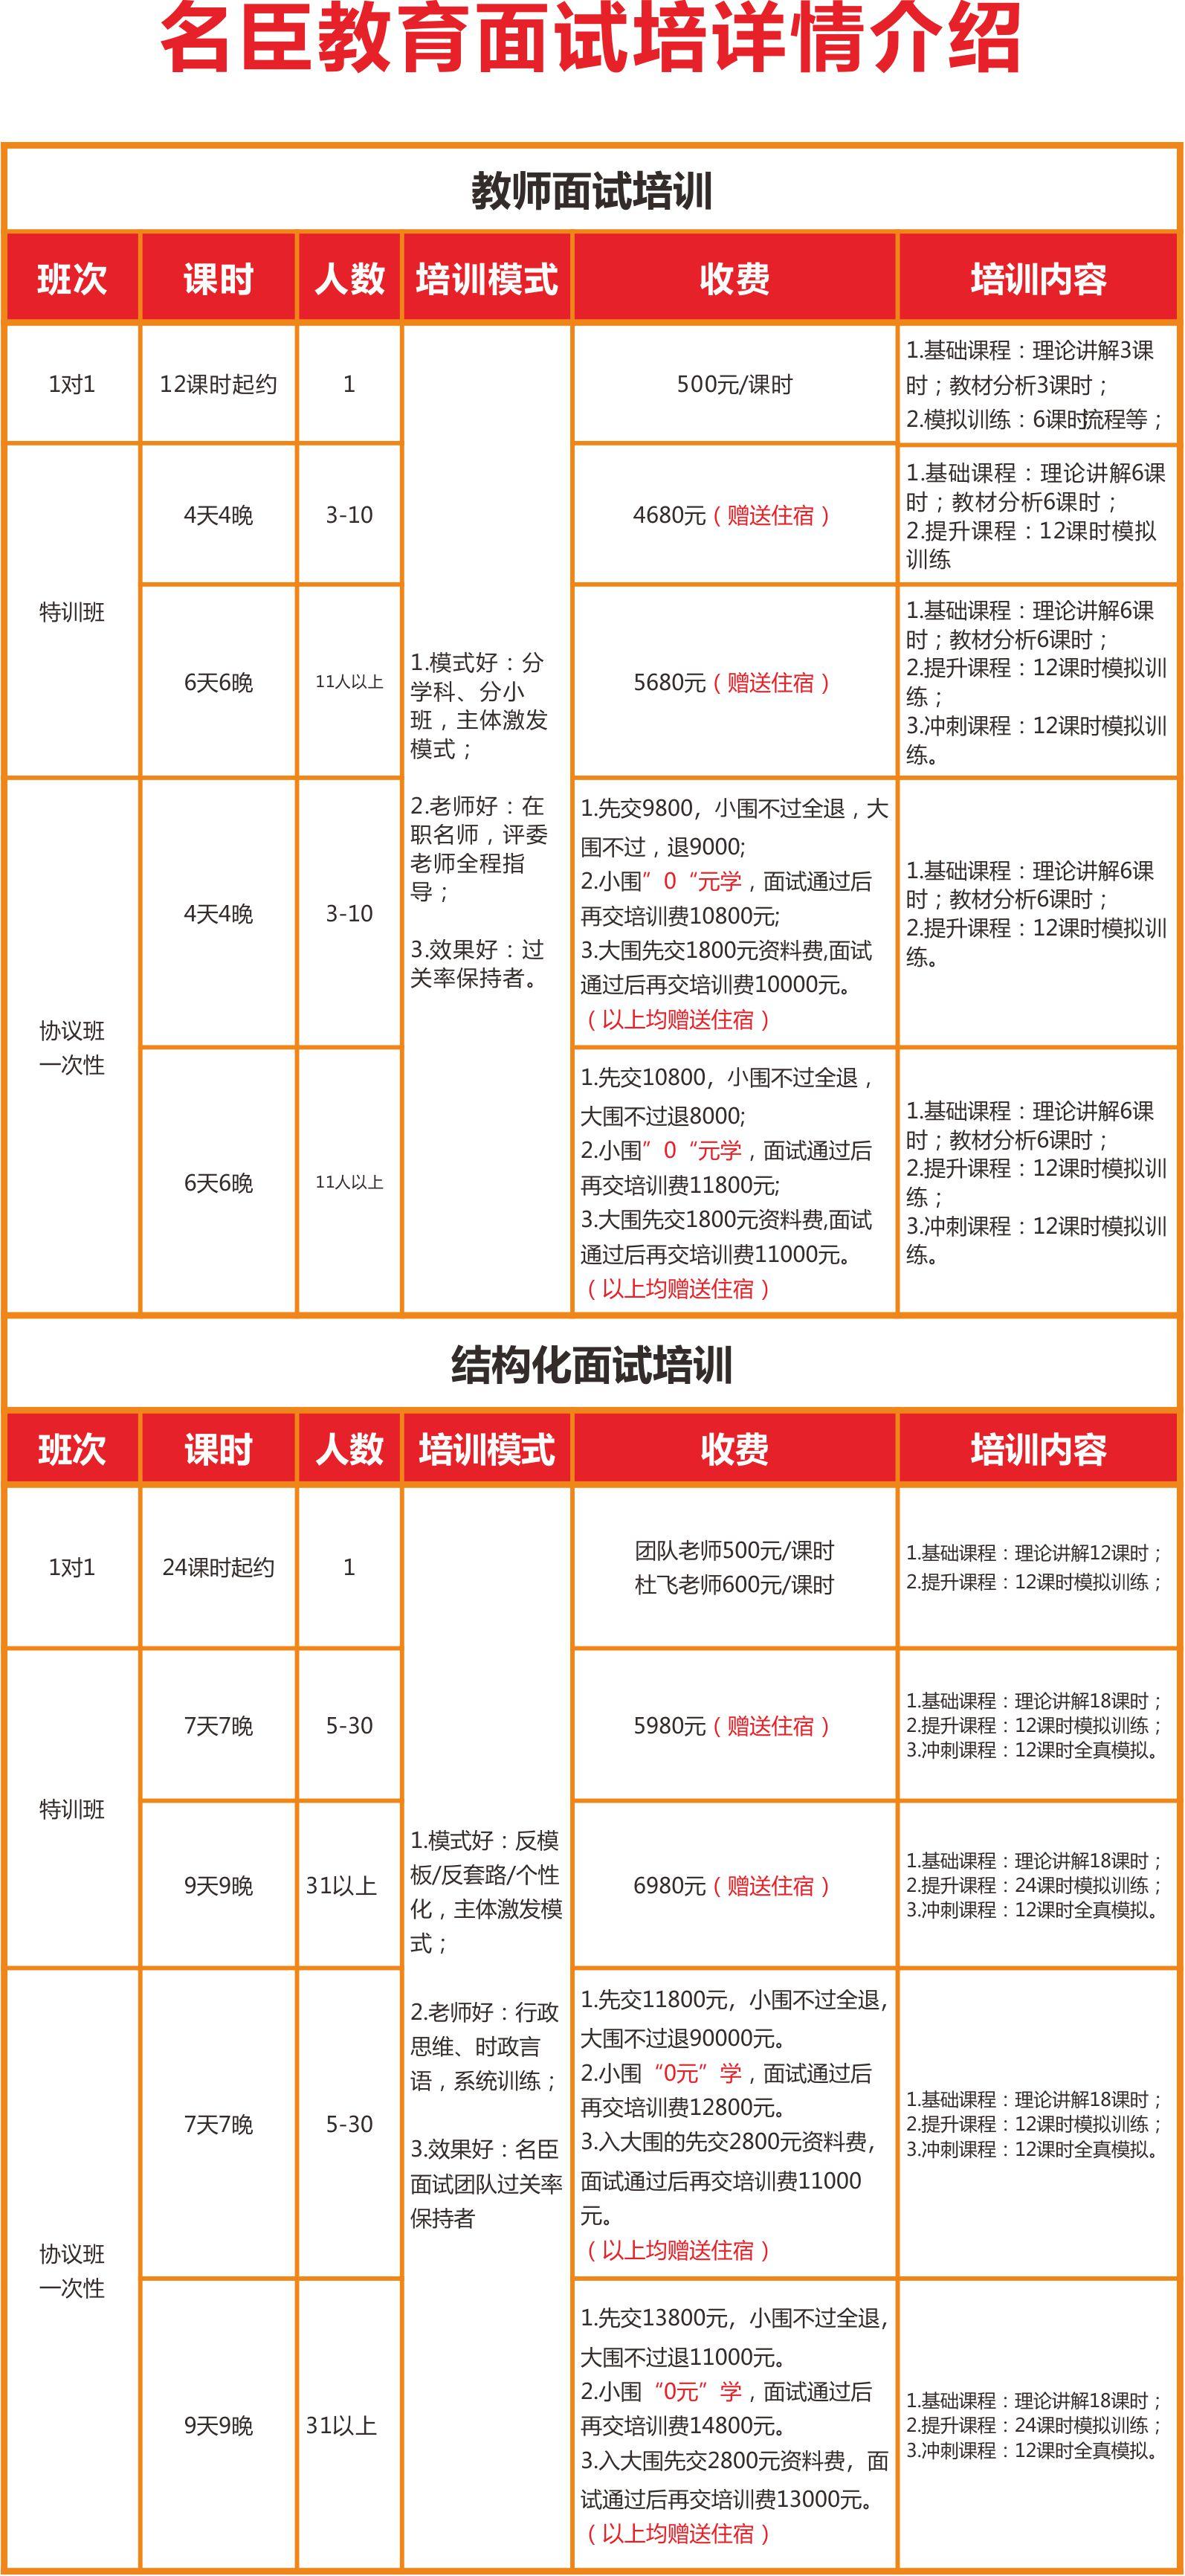 2020年12月5日四川省属《综合知识》真题(图10)